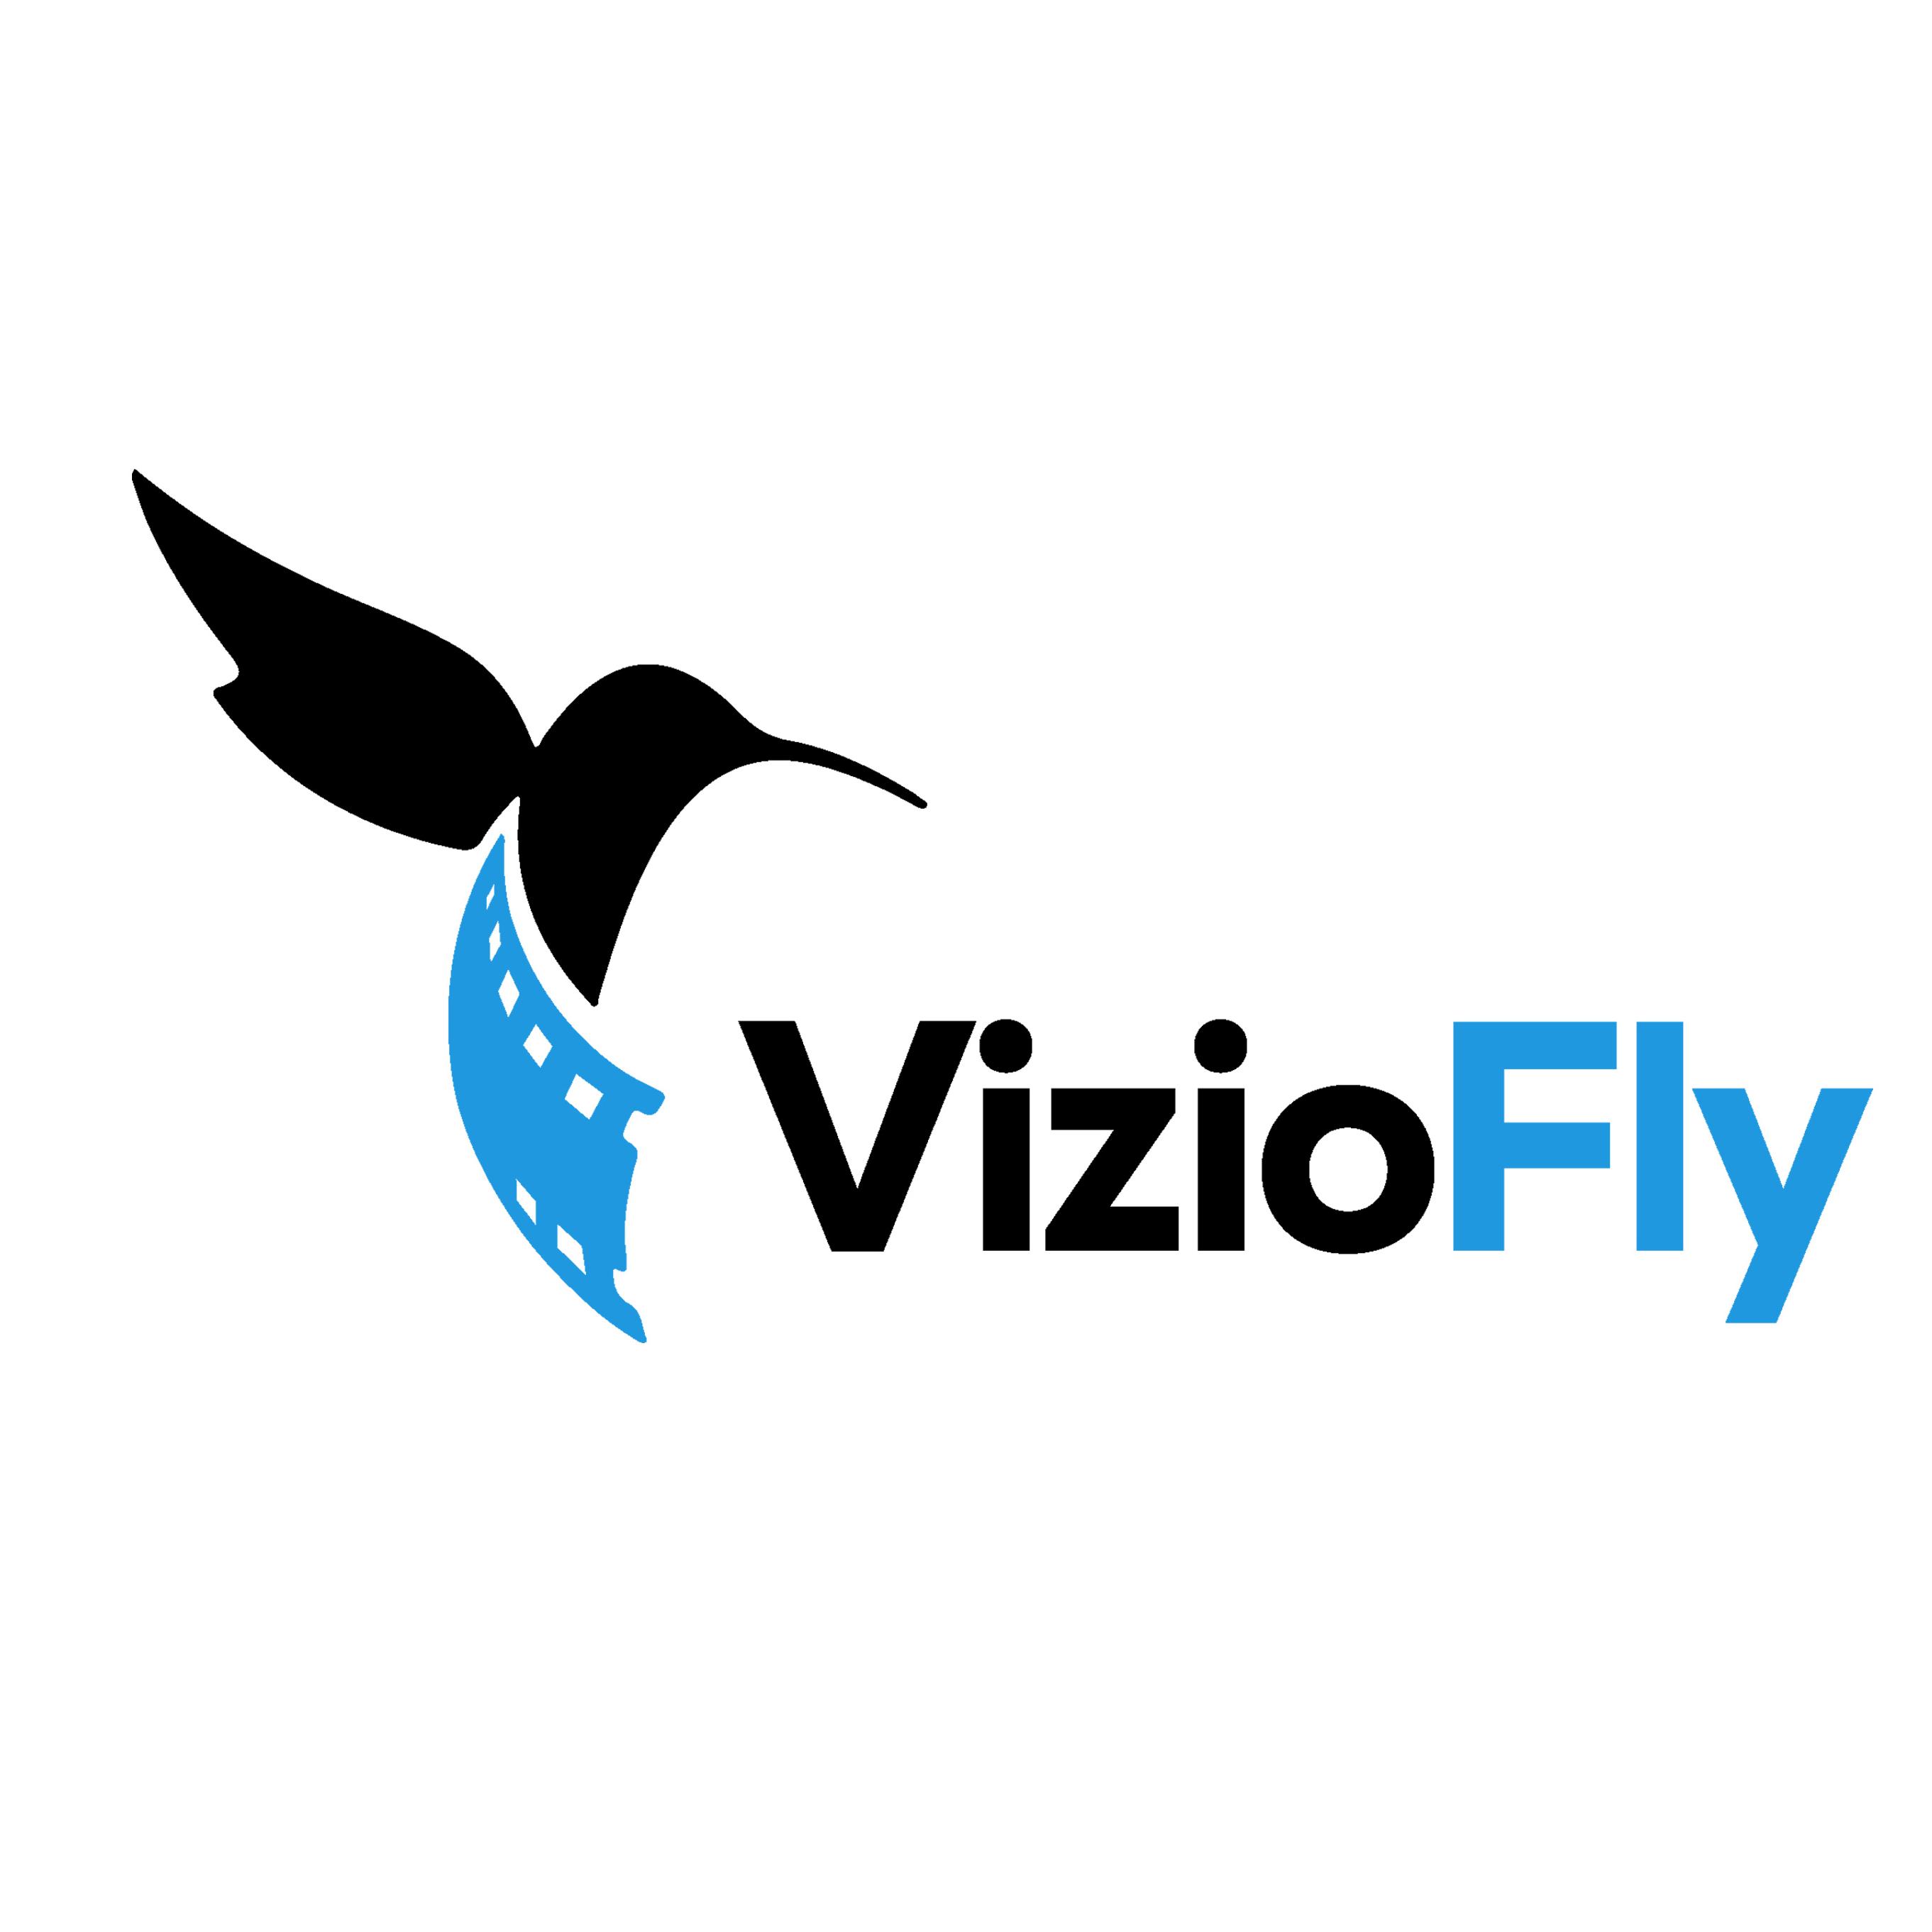 VizioFly